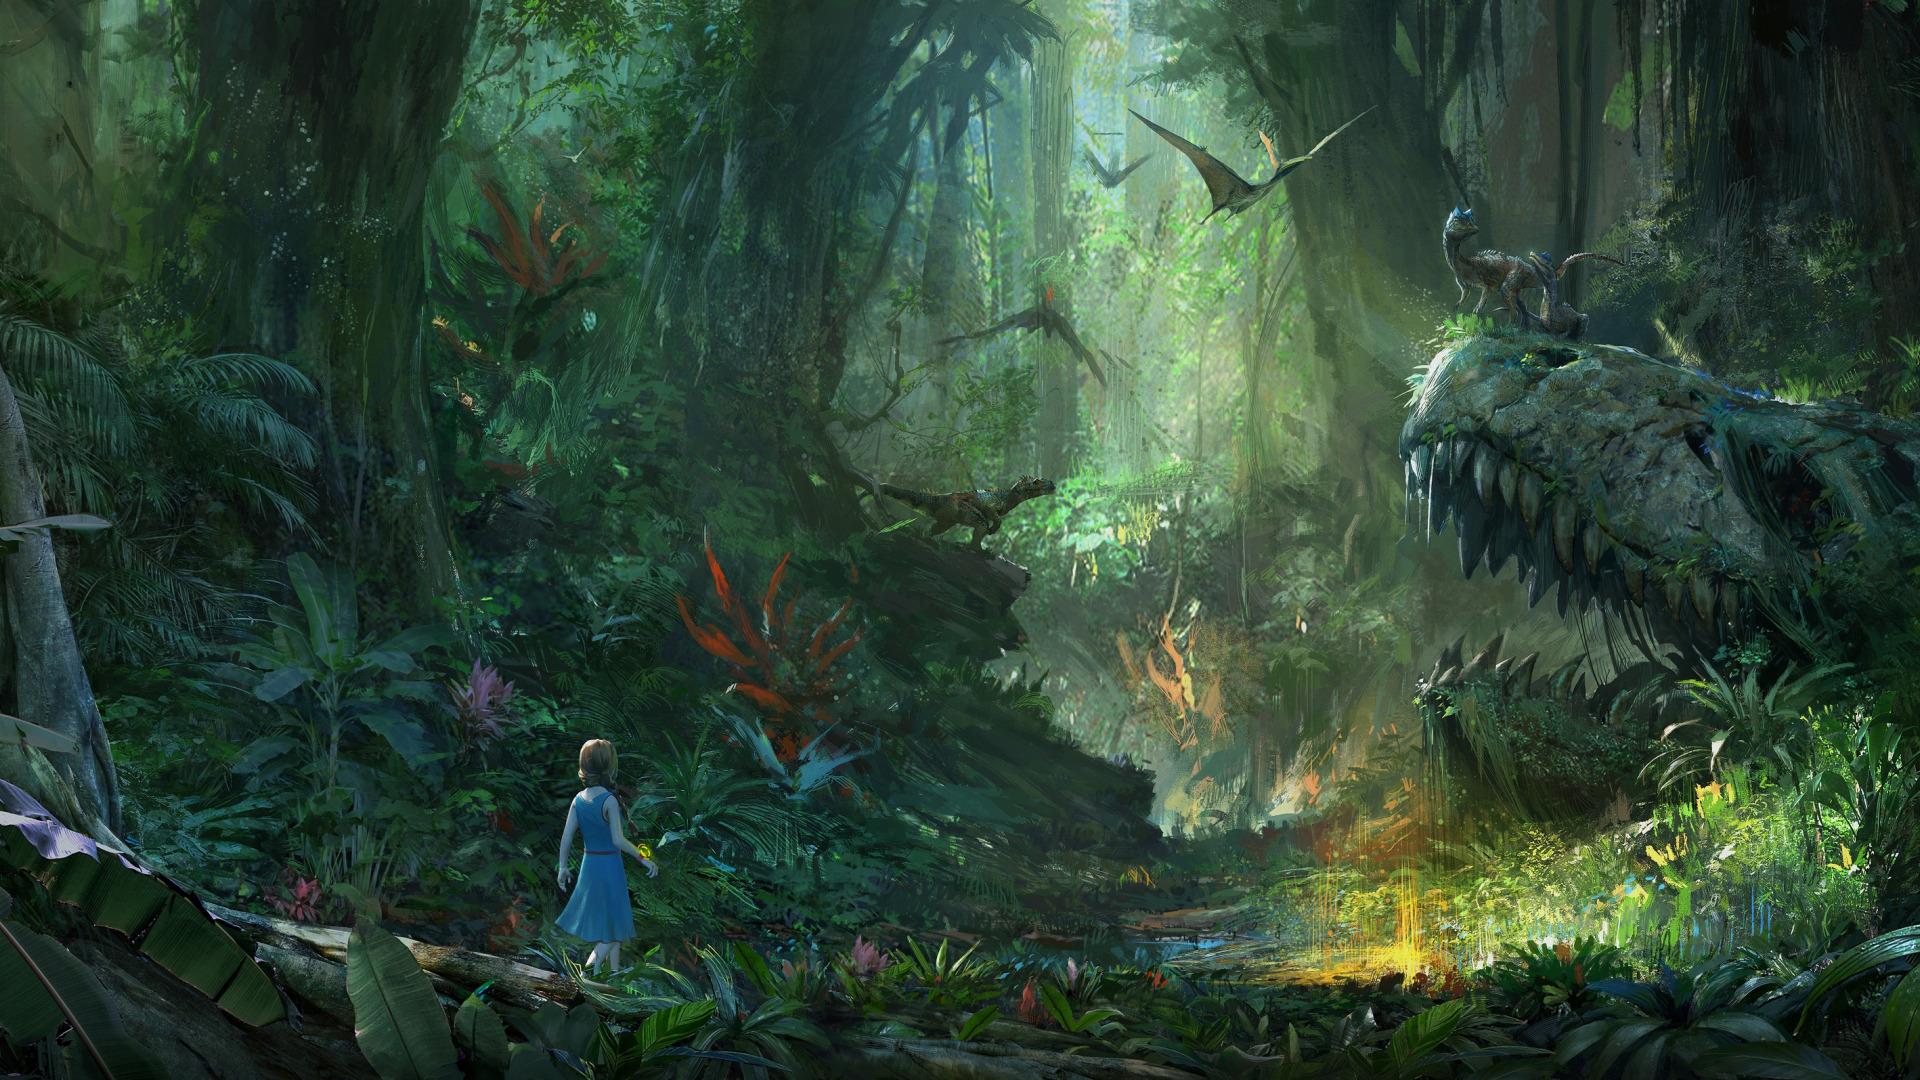 Download Wallpaper Green Light Sake Girl Fantasy Forest